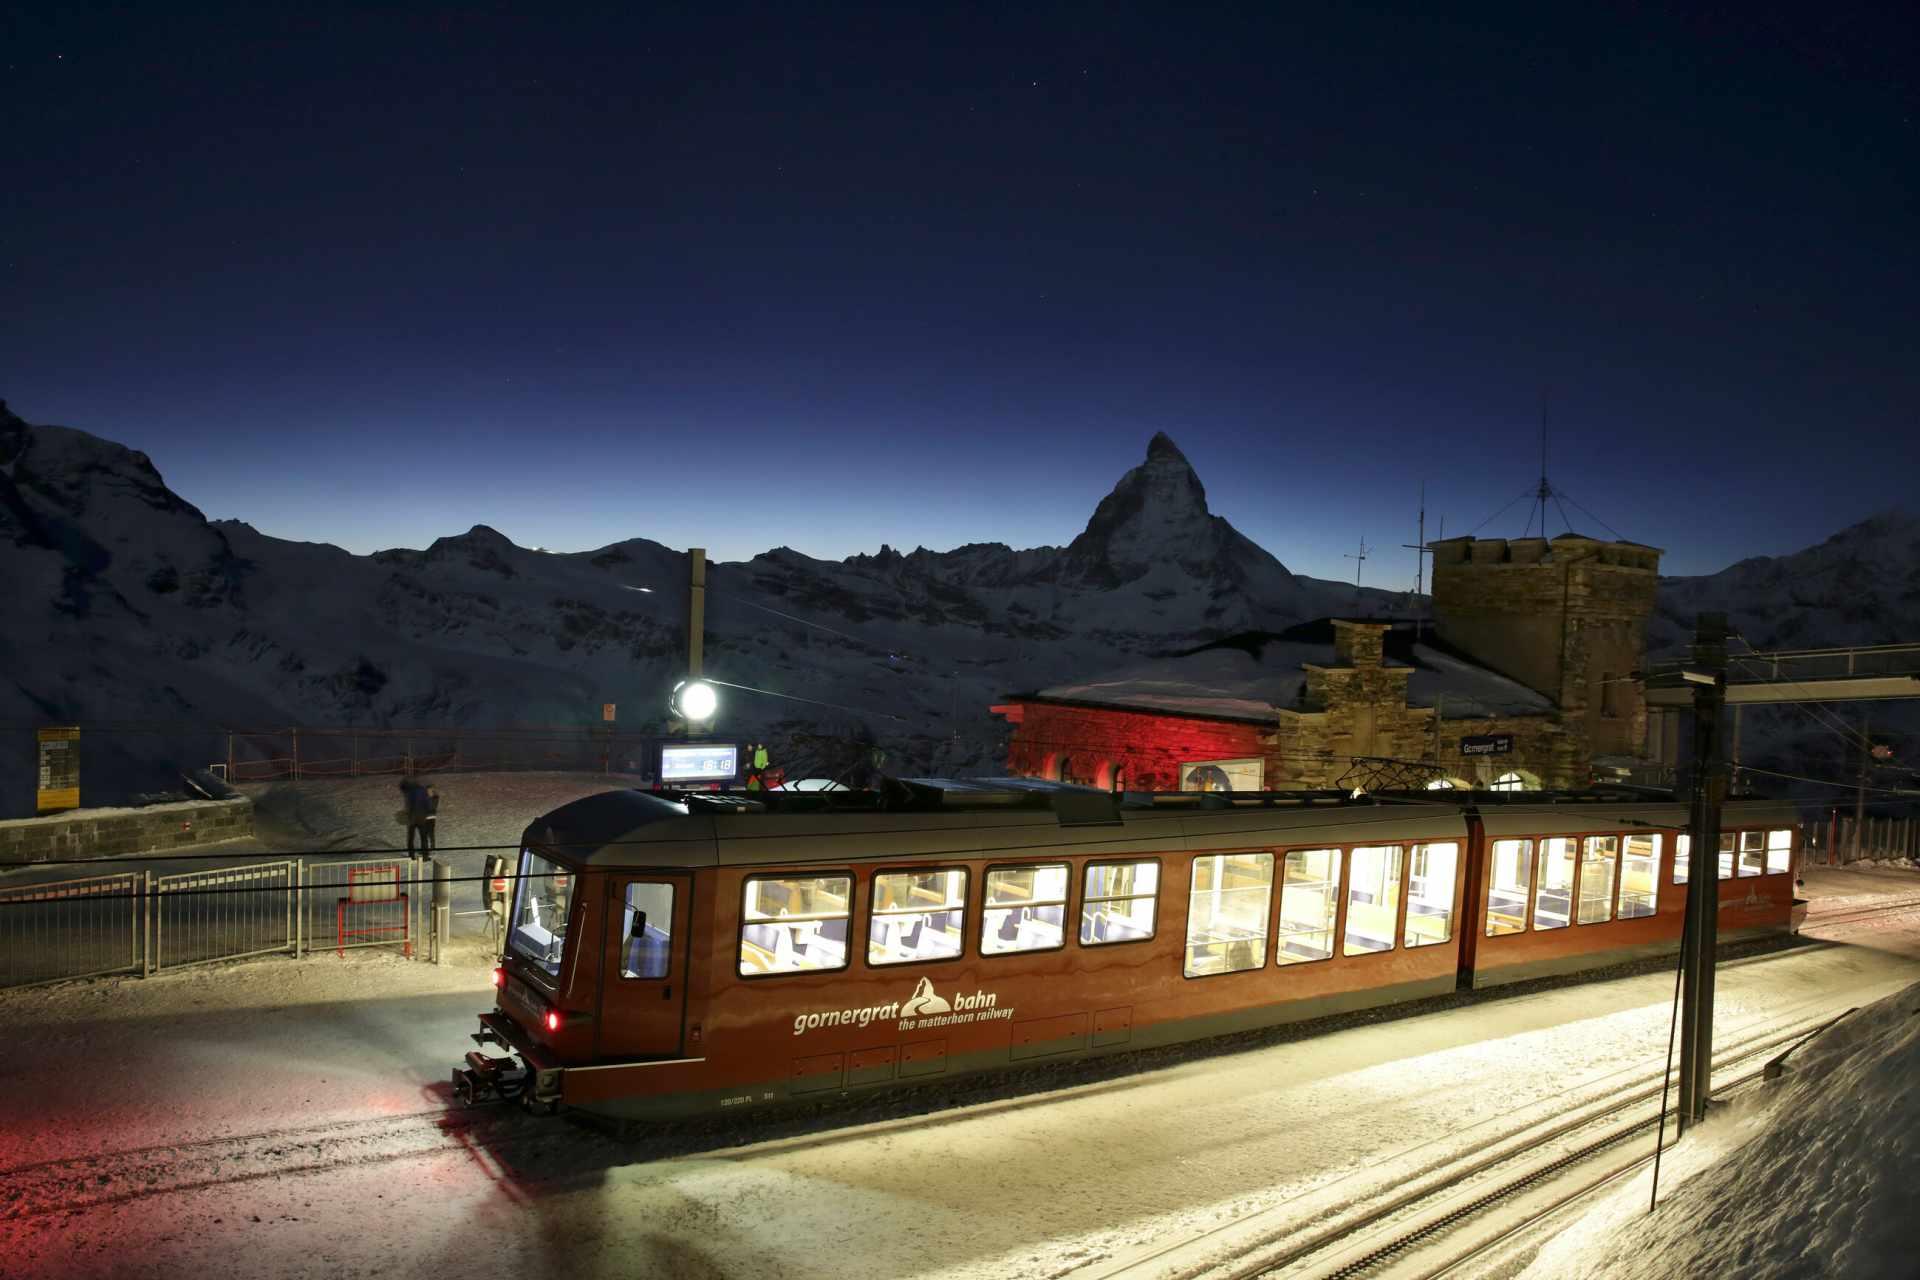 Gornergrat Bahn bei Nacht im Winter